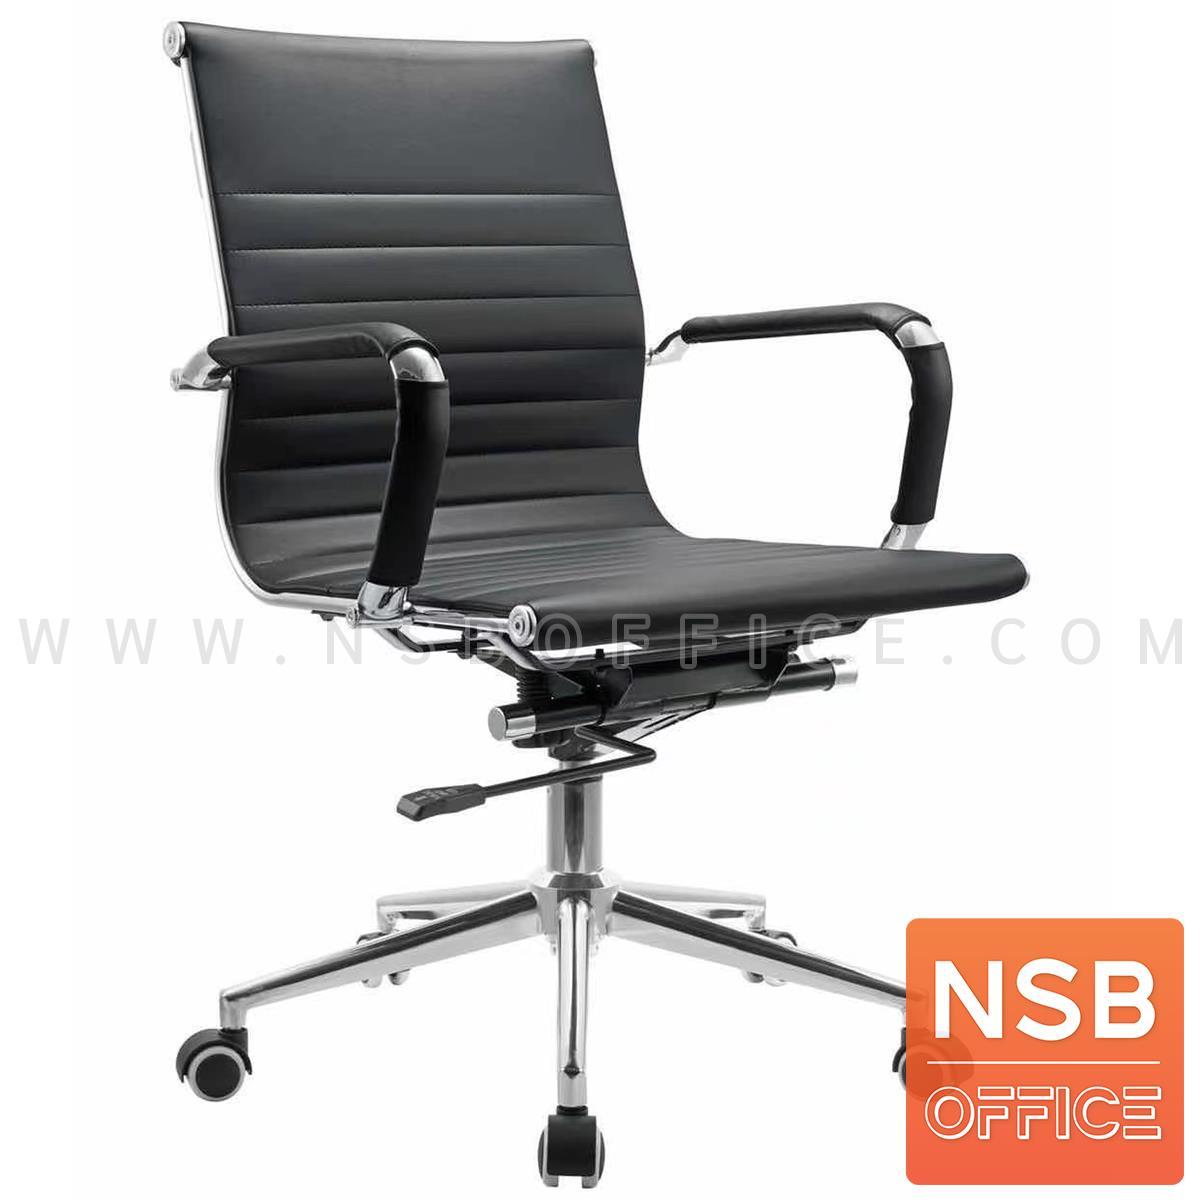 B03A520:เก้าอี้สำนักงาน รุ่น Enrique (เอ็นริเก)  โช๊คแก๊ส ก้อนโยก ขาเหล็กชุบโครเมี่ยม